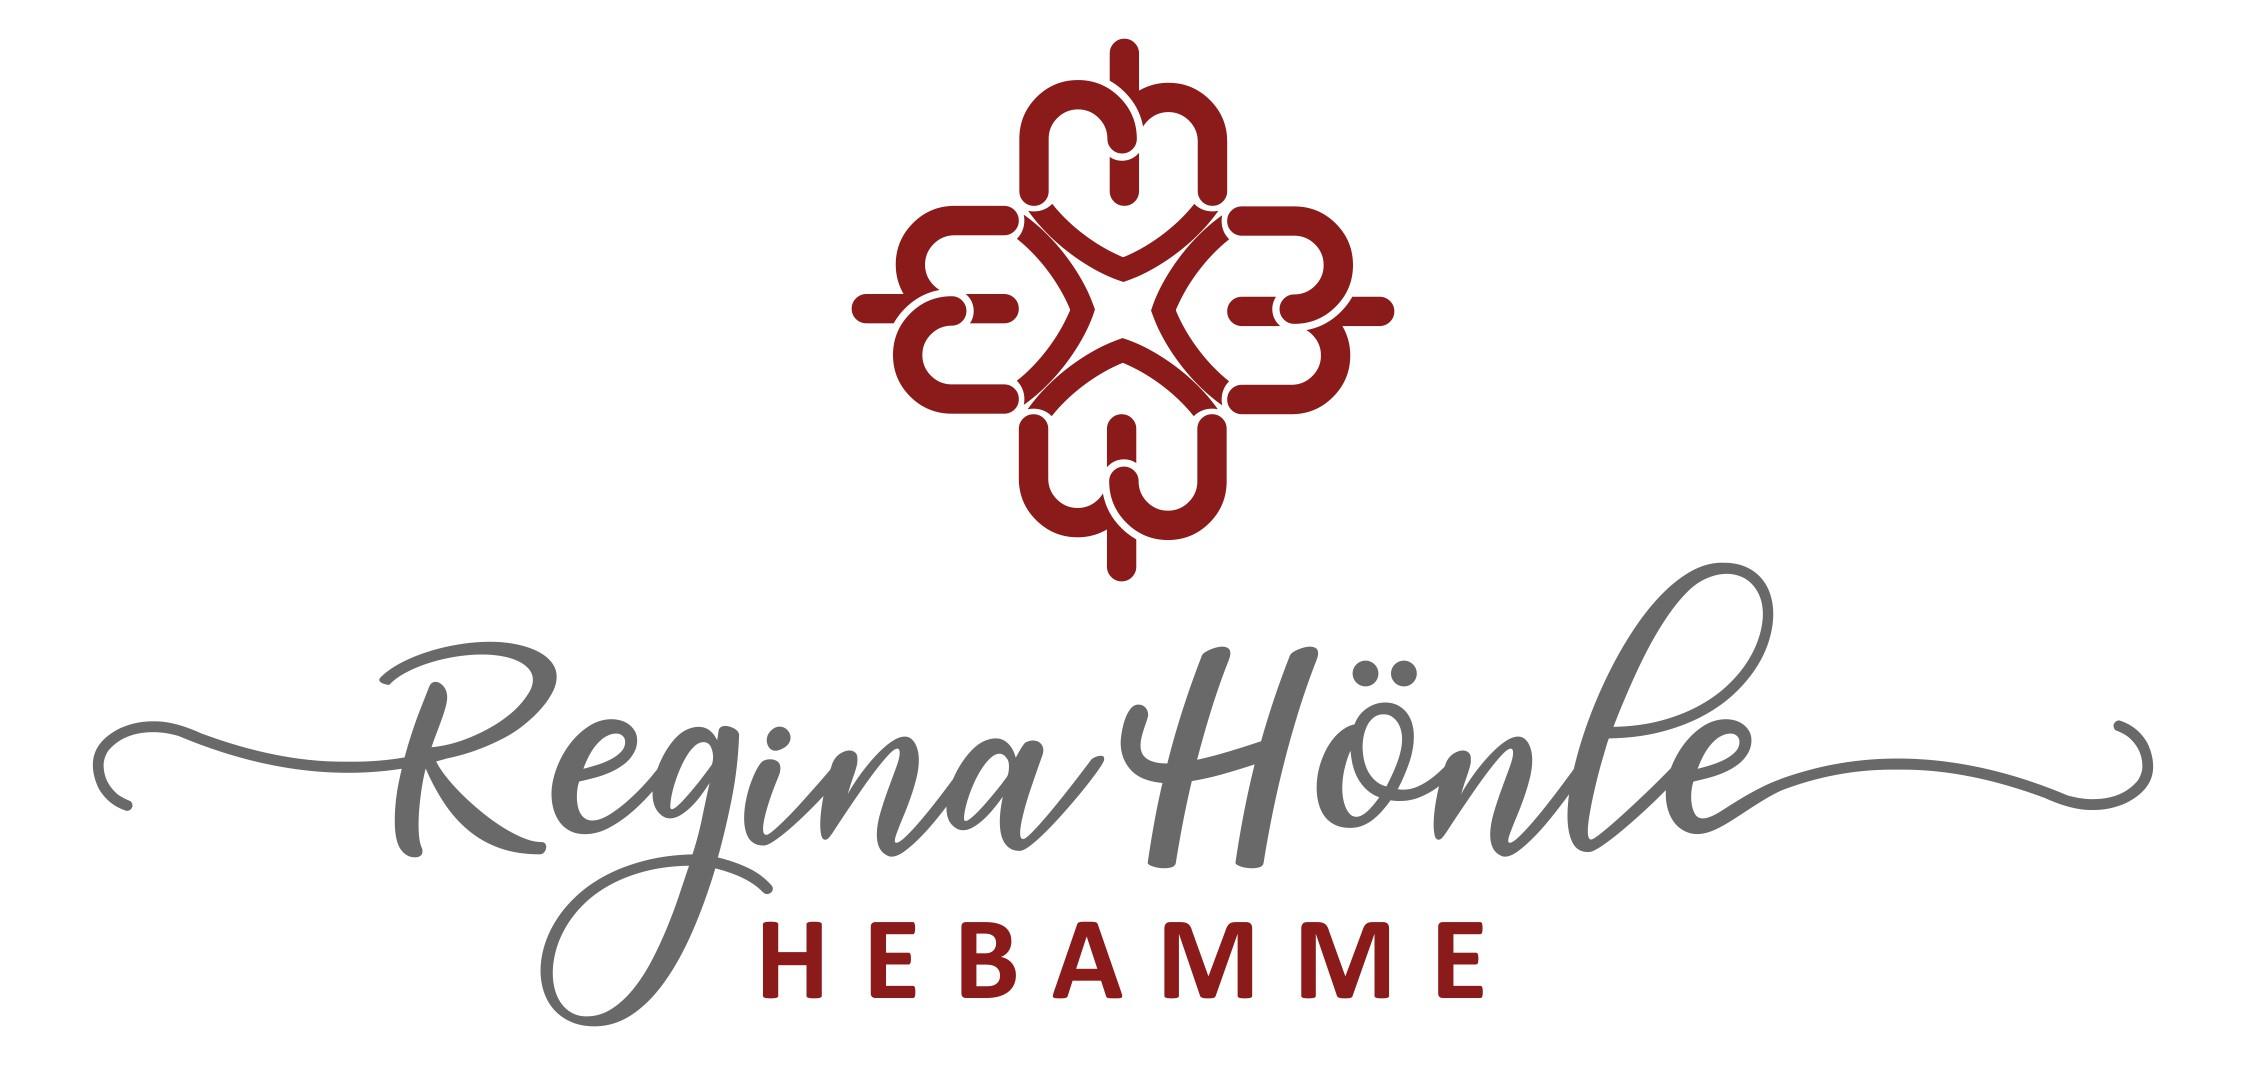 Finde ein neues, einzigartiges und zugleich anpsrechendes Logo für eine Hebamme!